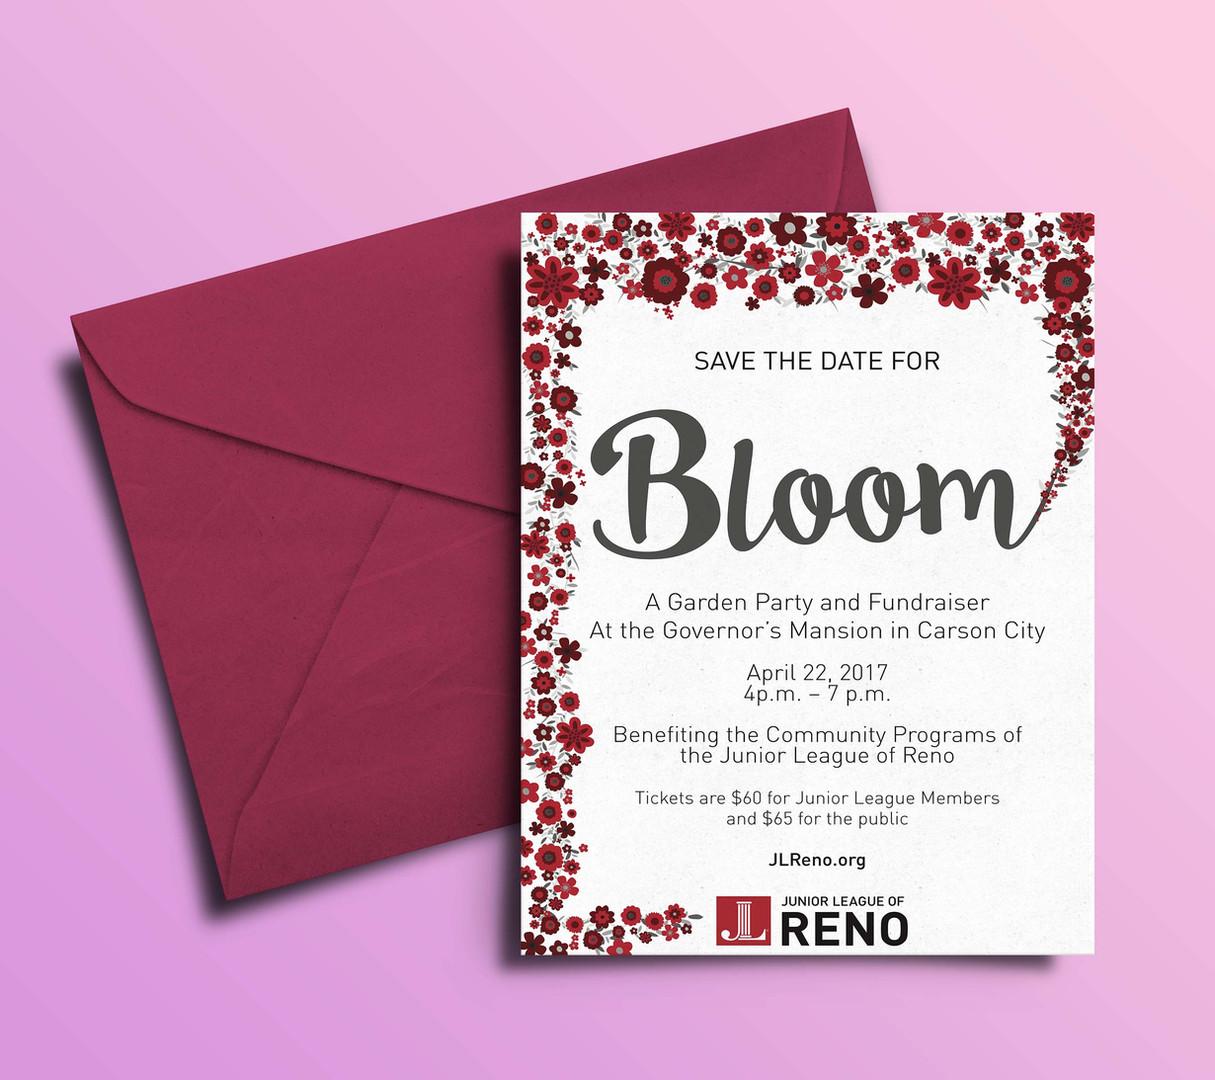 Bloom invite deisgn